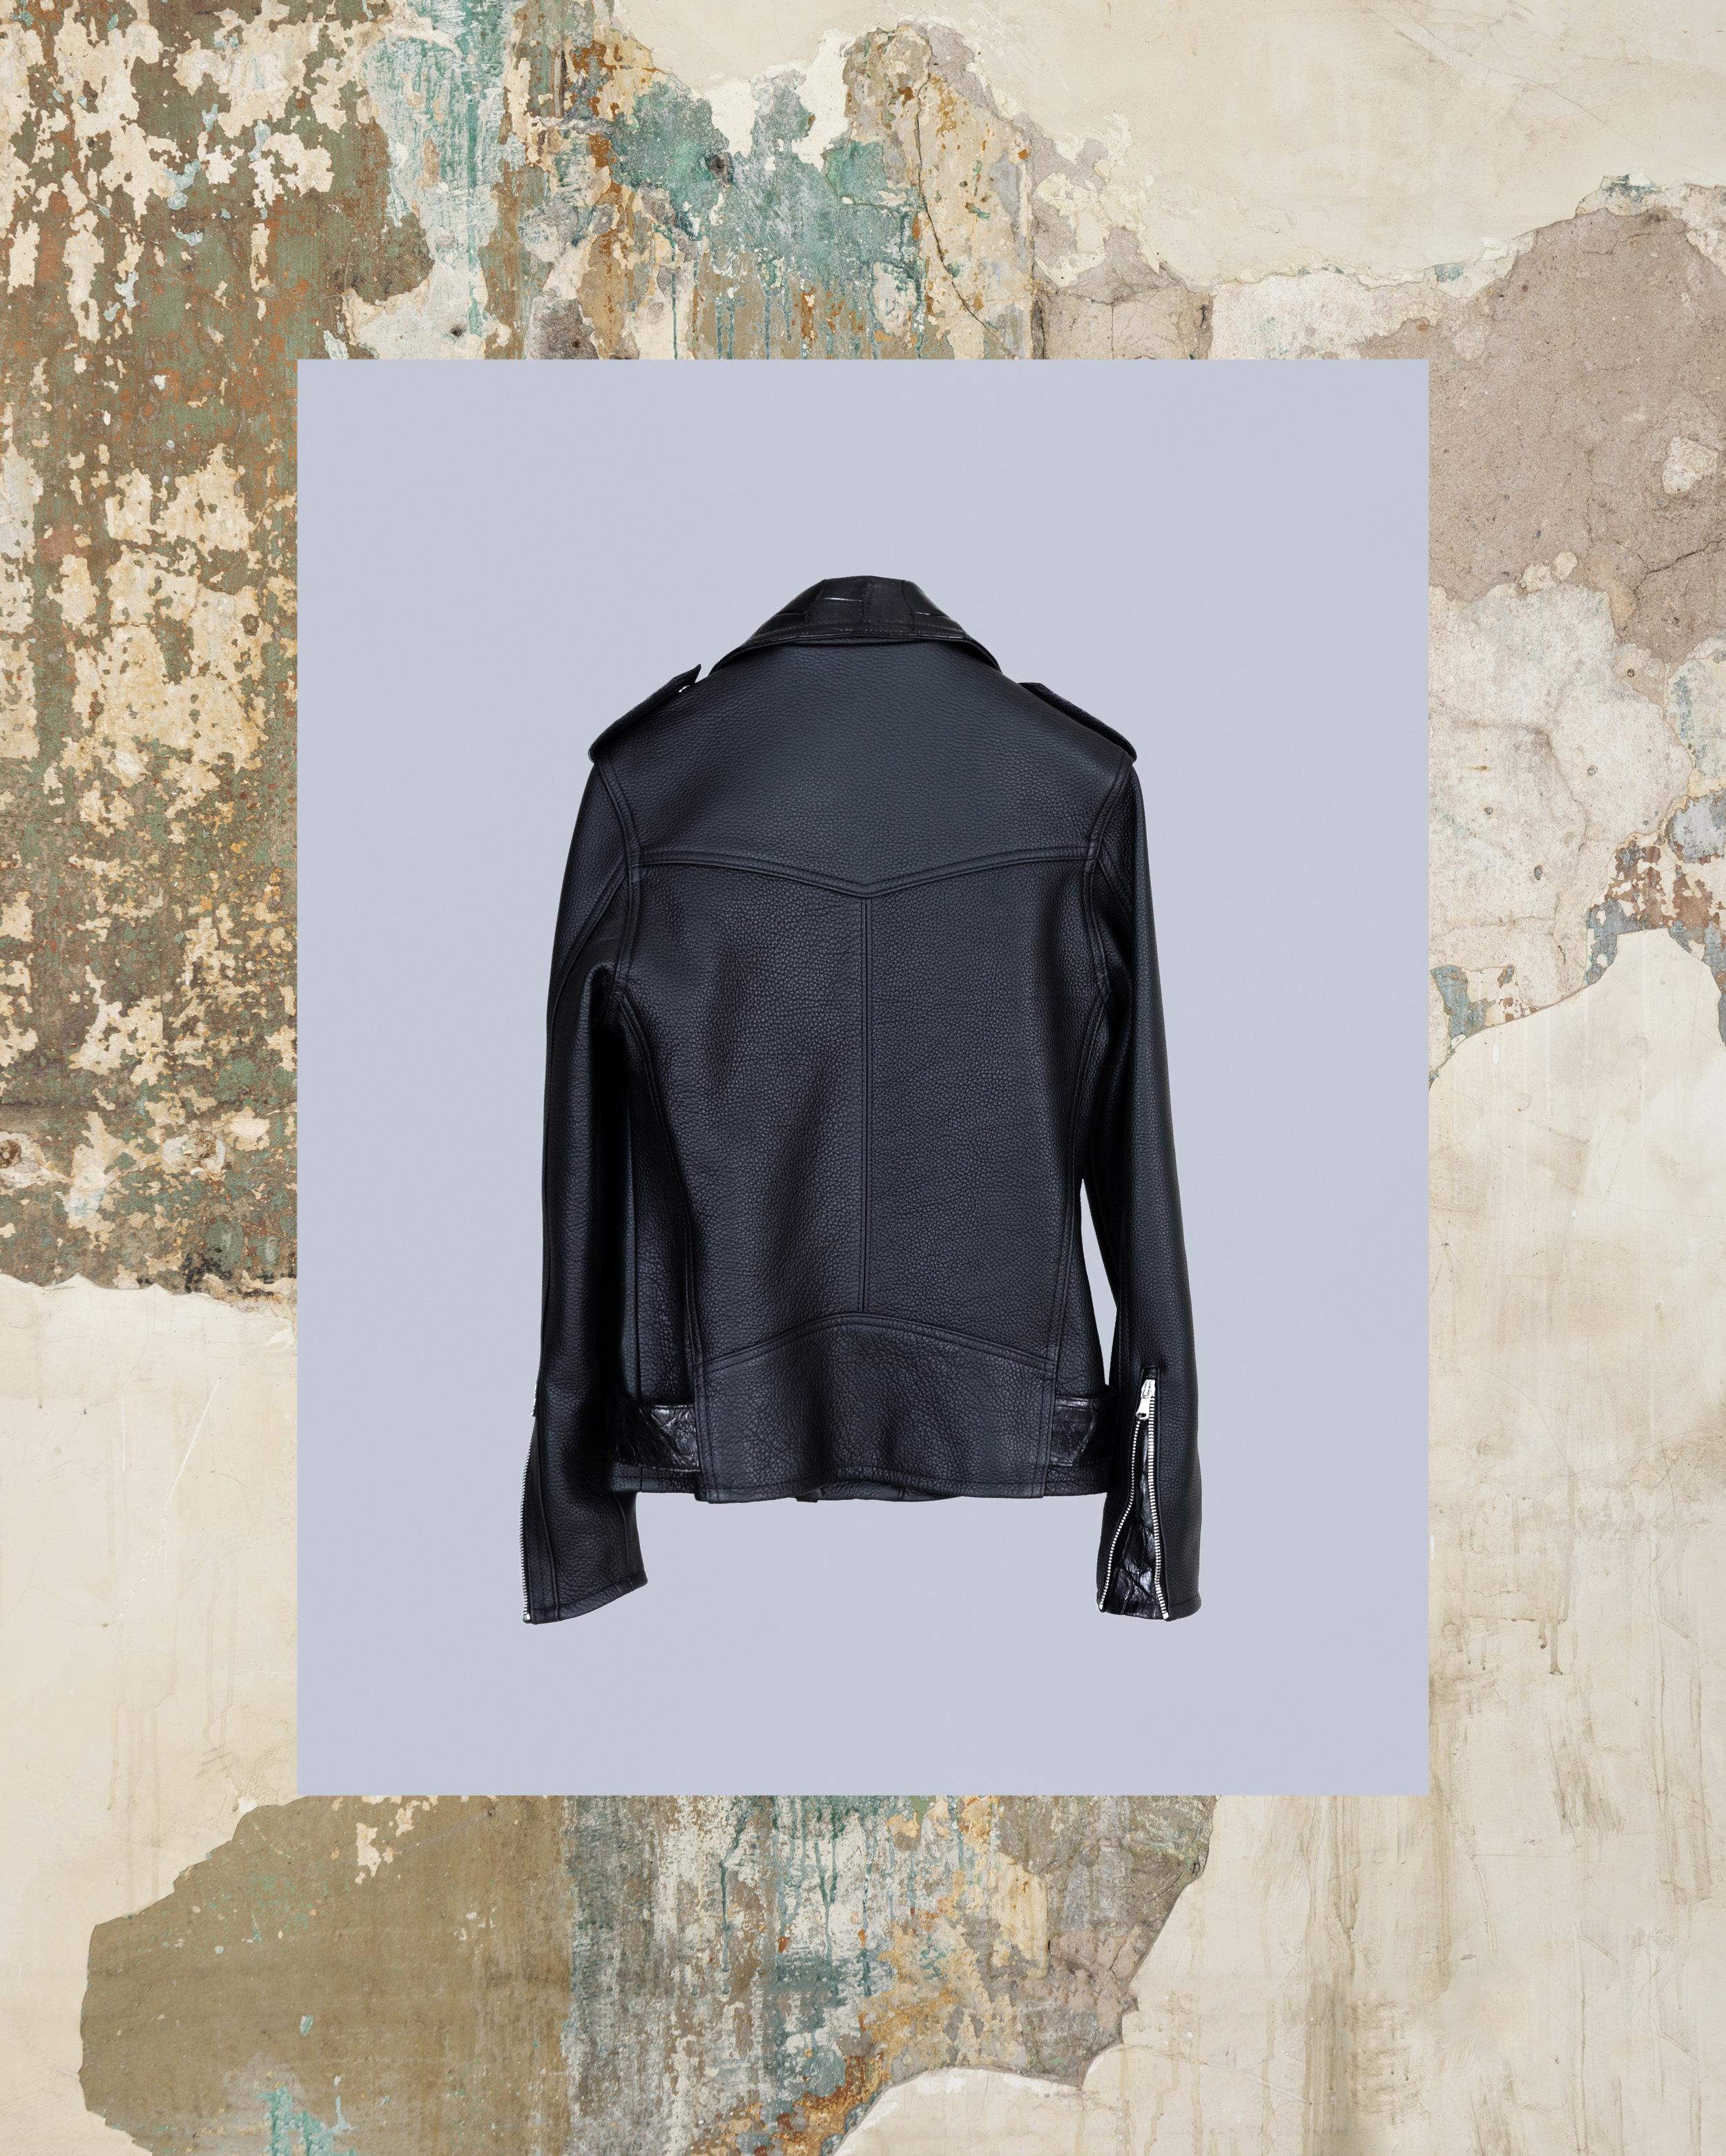 Gator_leather_jacket_back.jpg